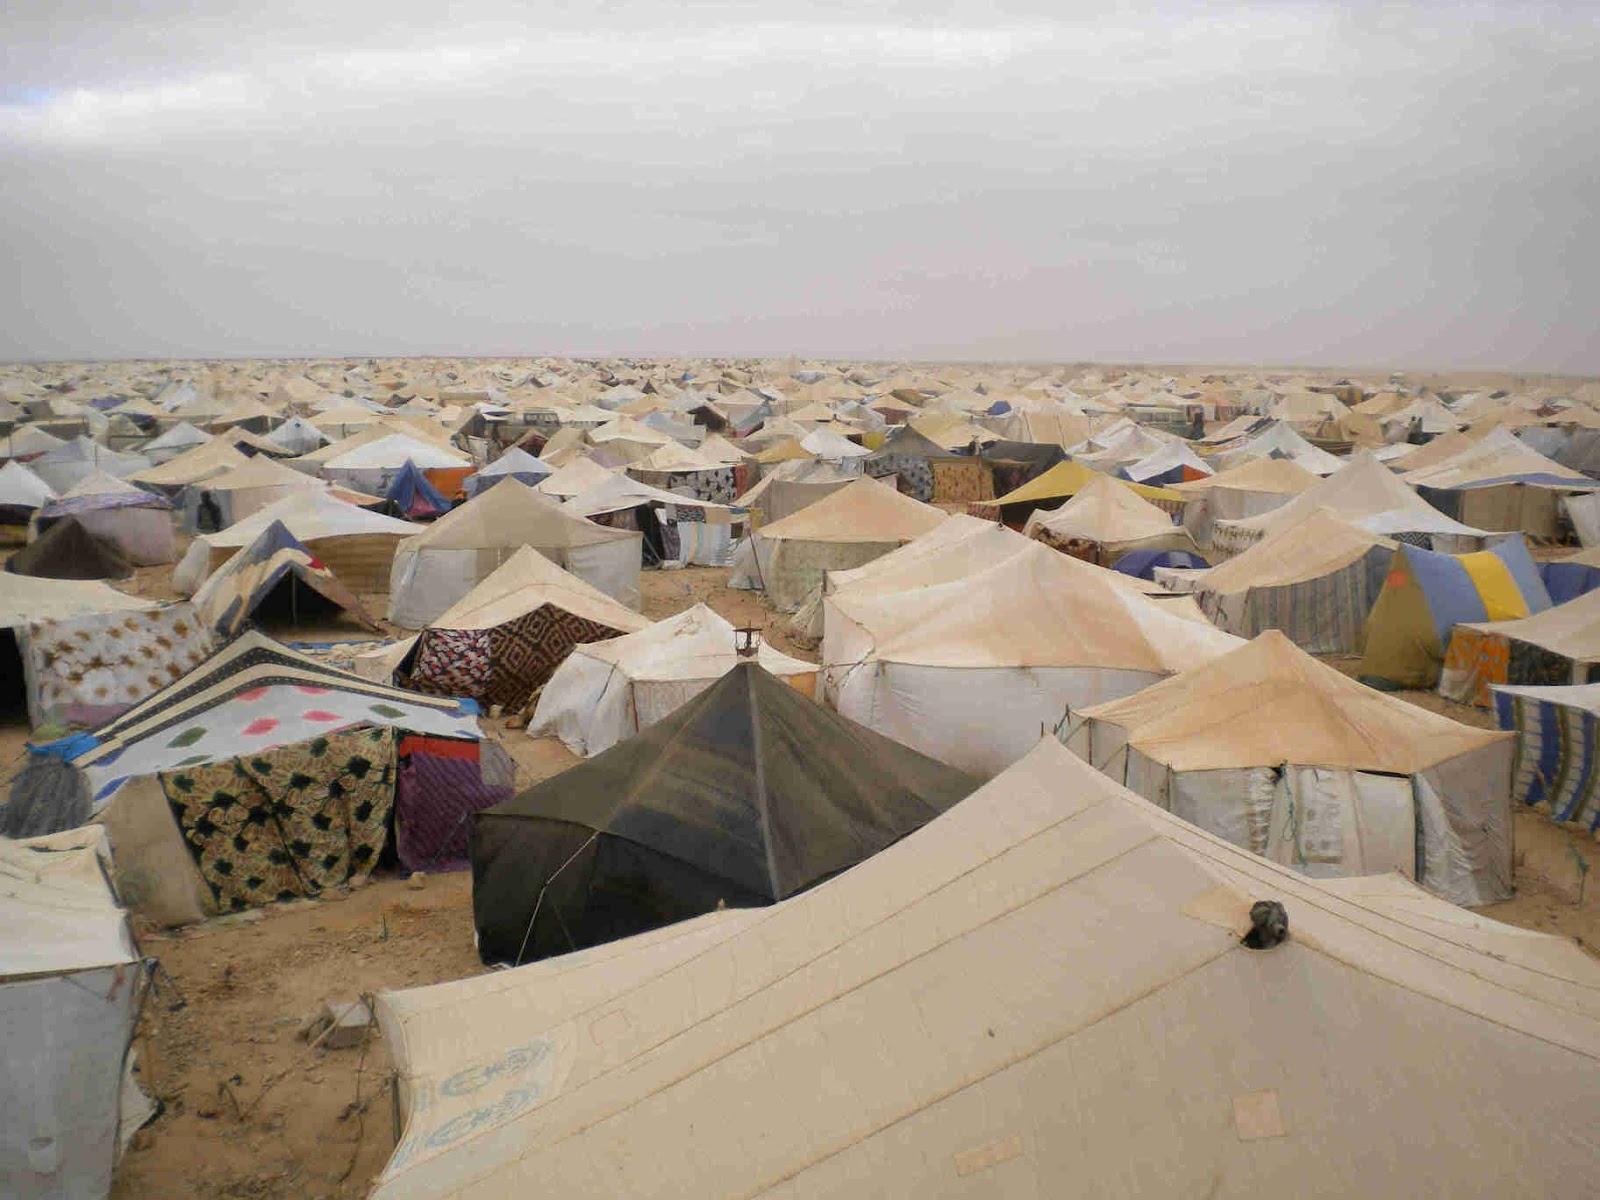 La Tente mauritanienne, expression de l'authenticité pour attirer l'électeur